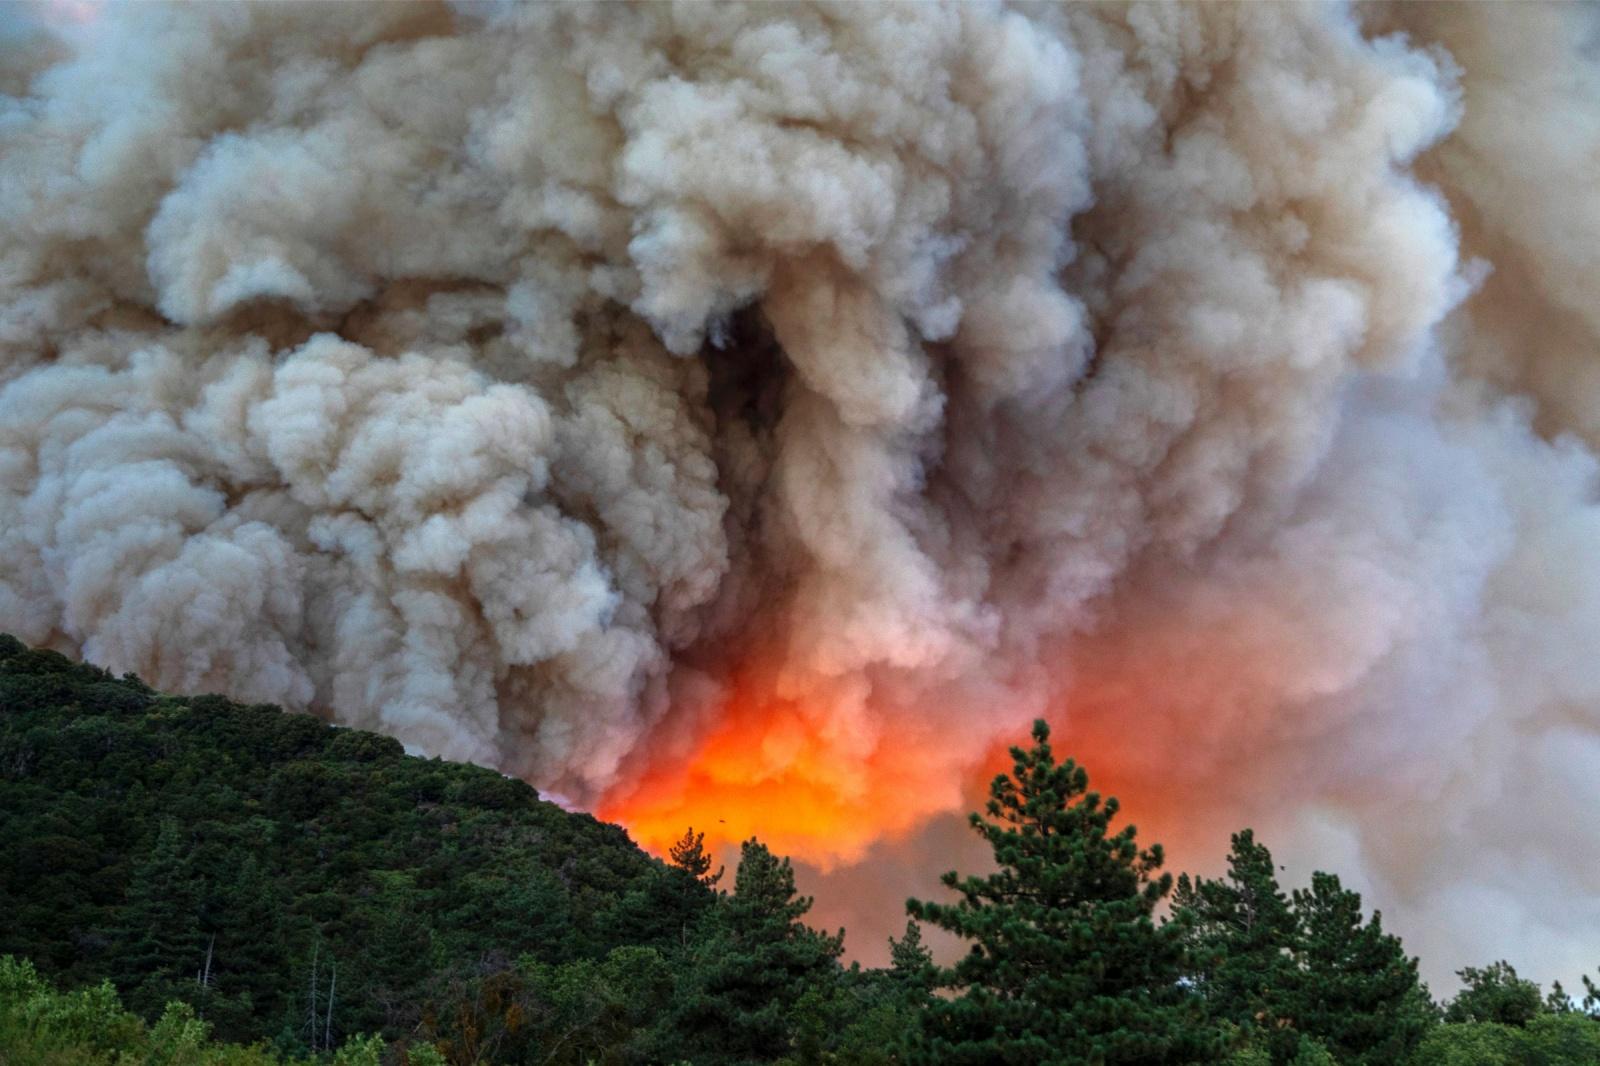 Как помехи в работе сотовой сети могут помочь отслеживать распространение лесных пожаров - 2